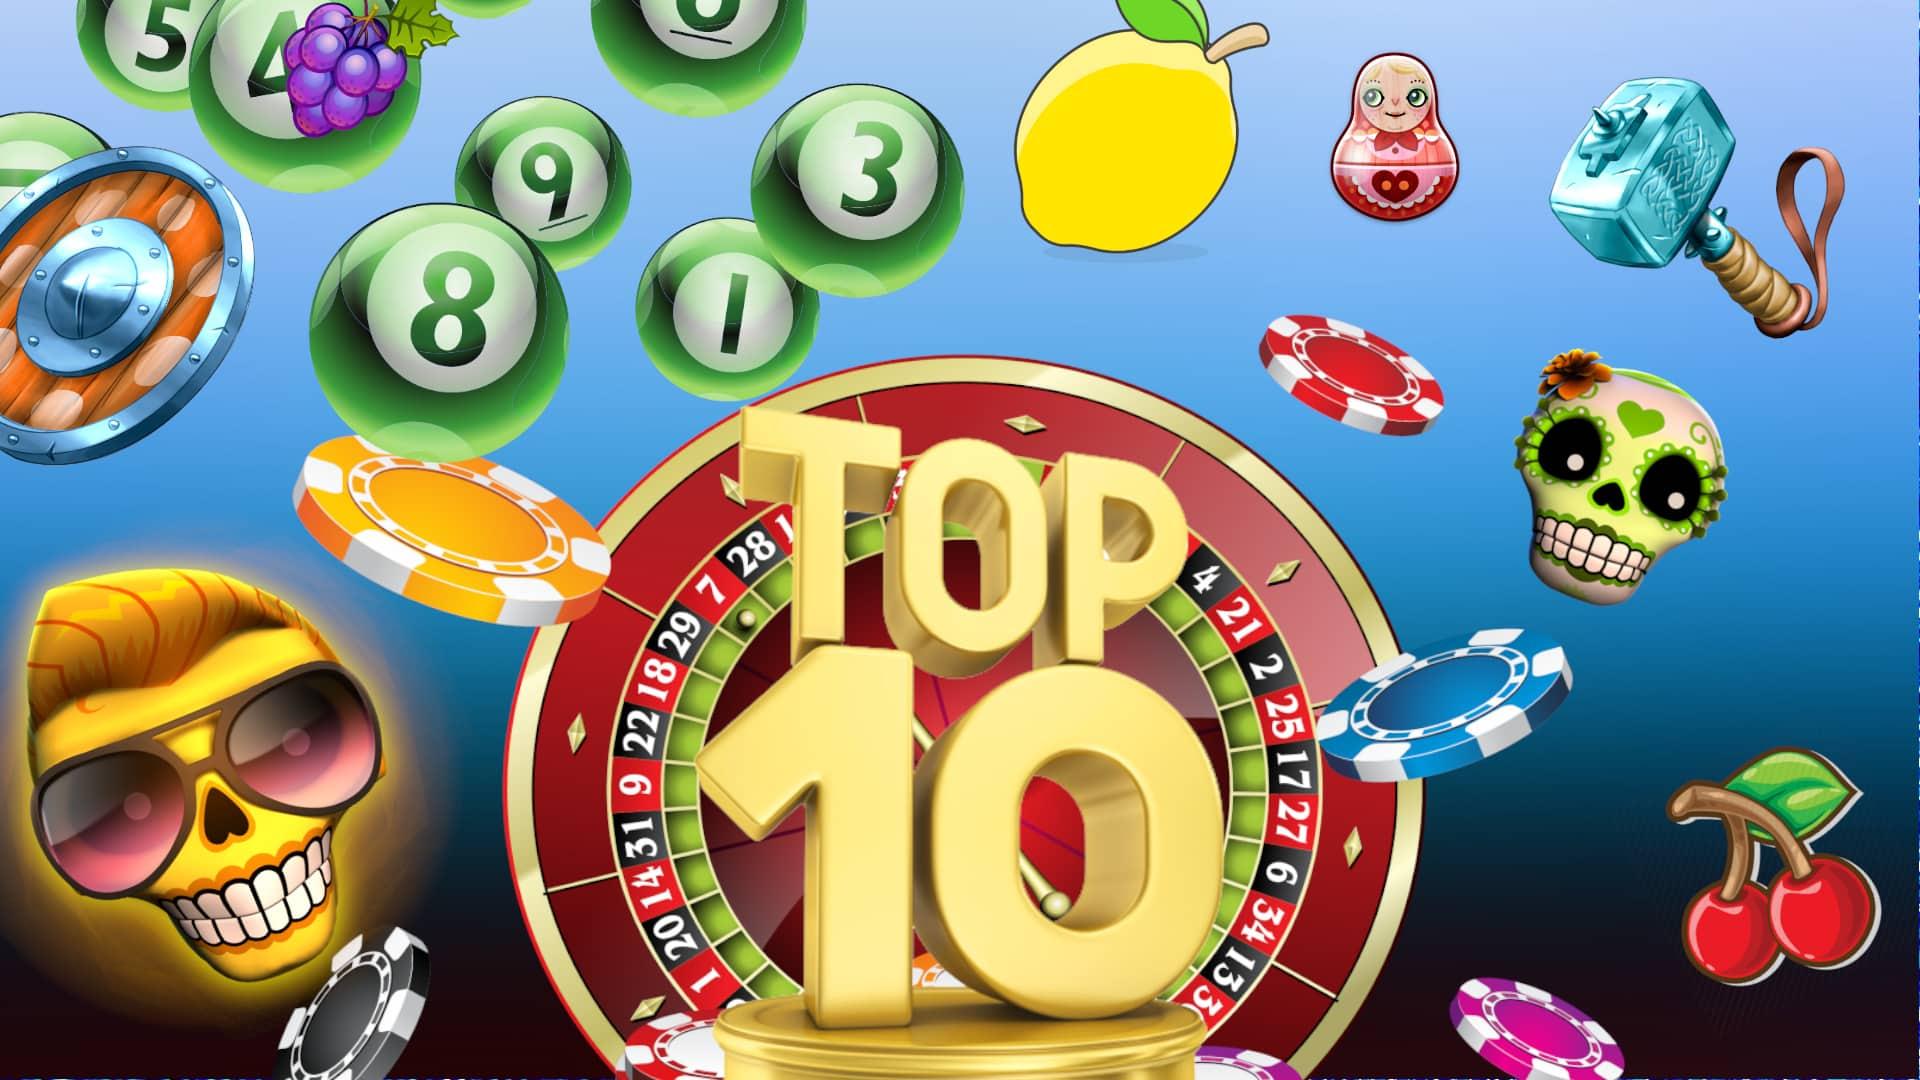 top10 1 Top 10 de juegos de casino online. ¡Diversión asegurada!